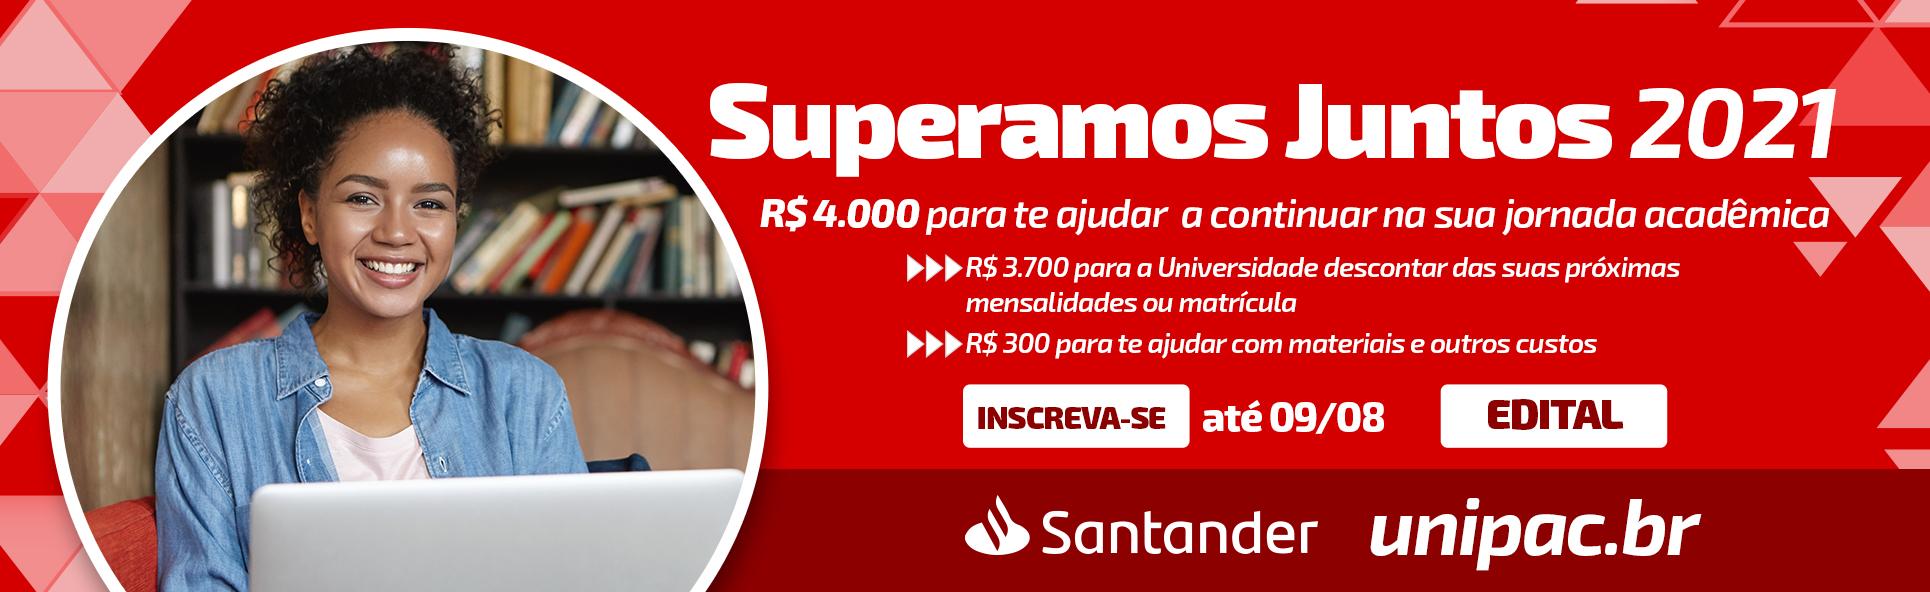 Santander Superamos Juntos – desktop